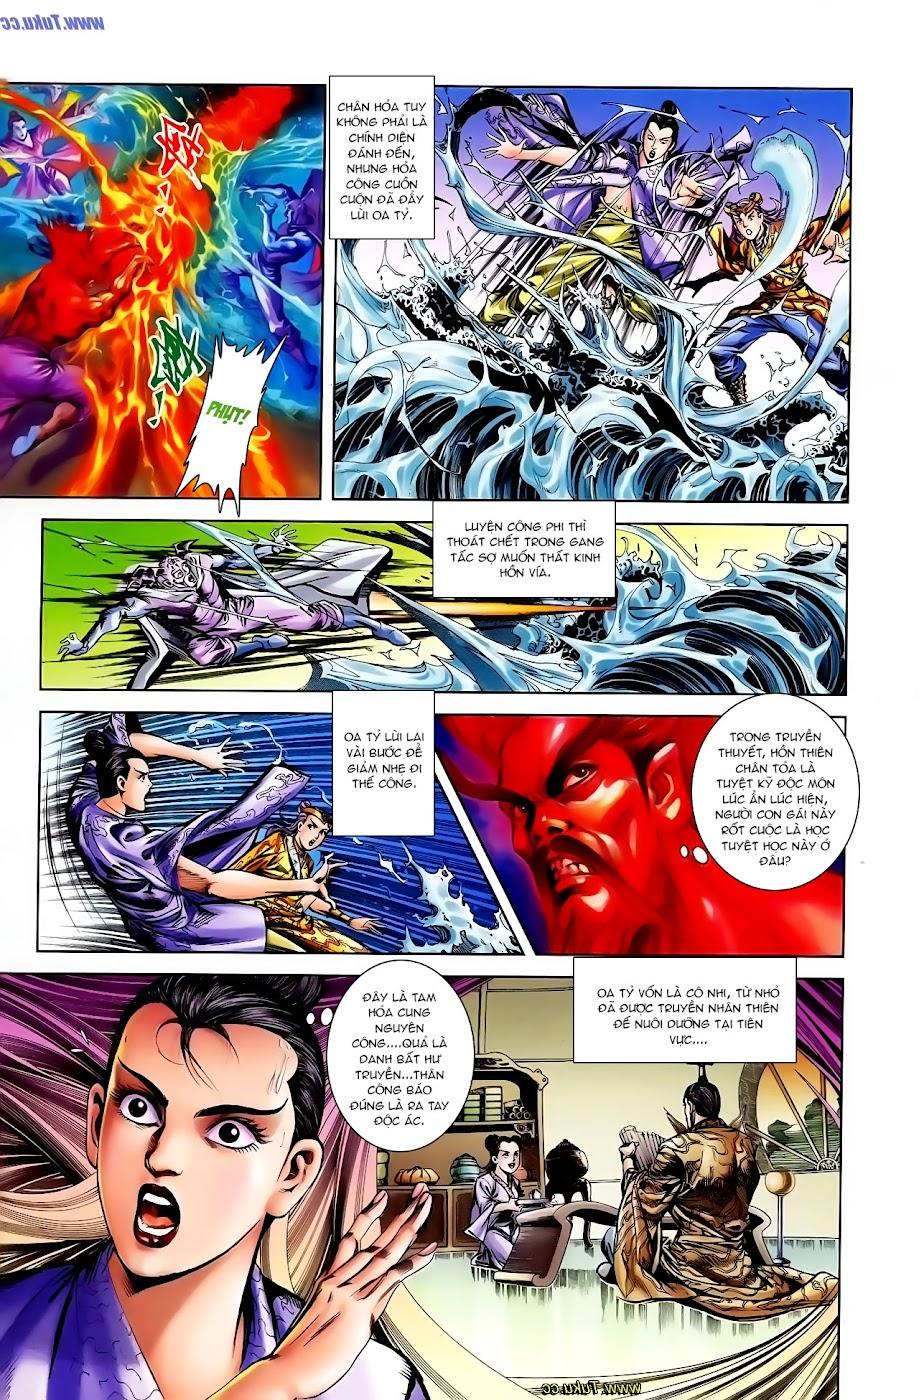 Cơ Phát Khai Chu Bản chapter 106 trang 3